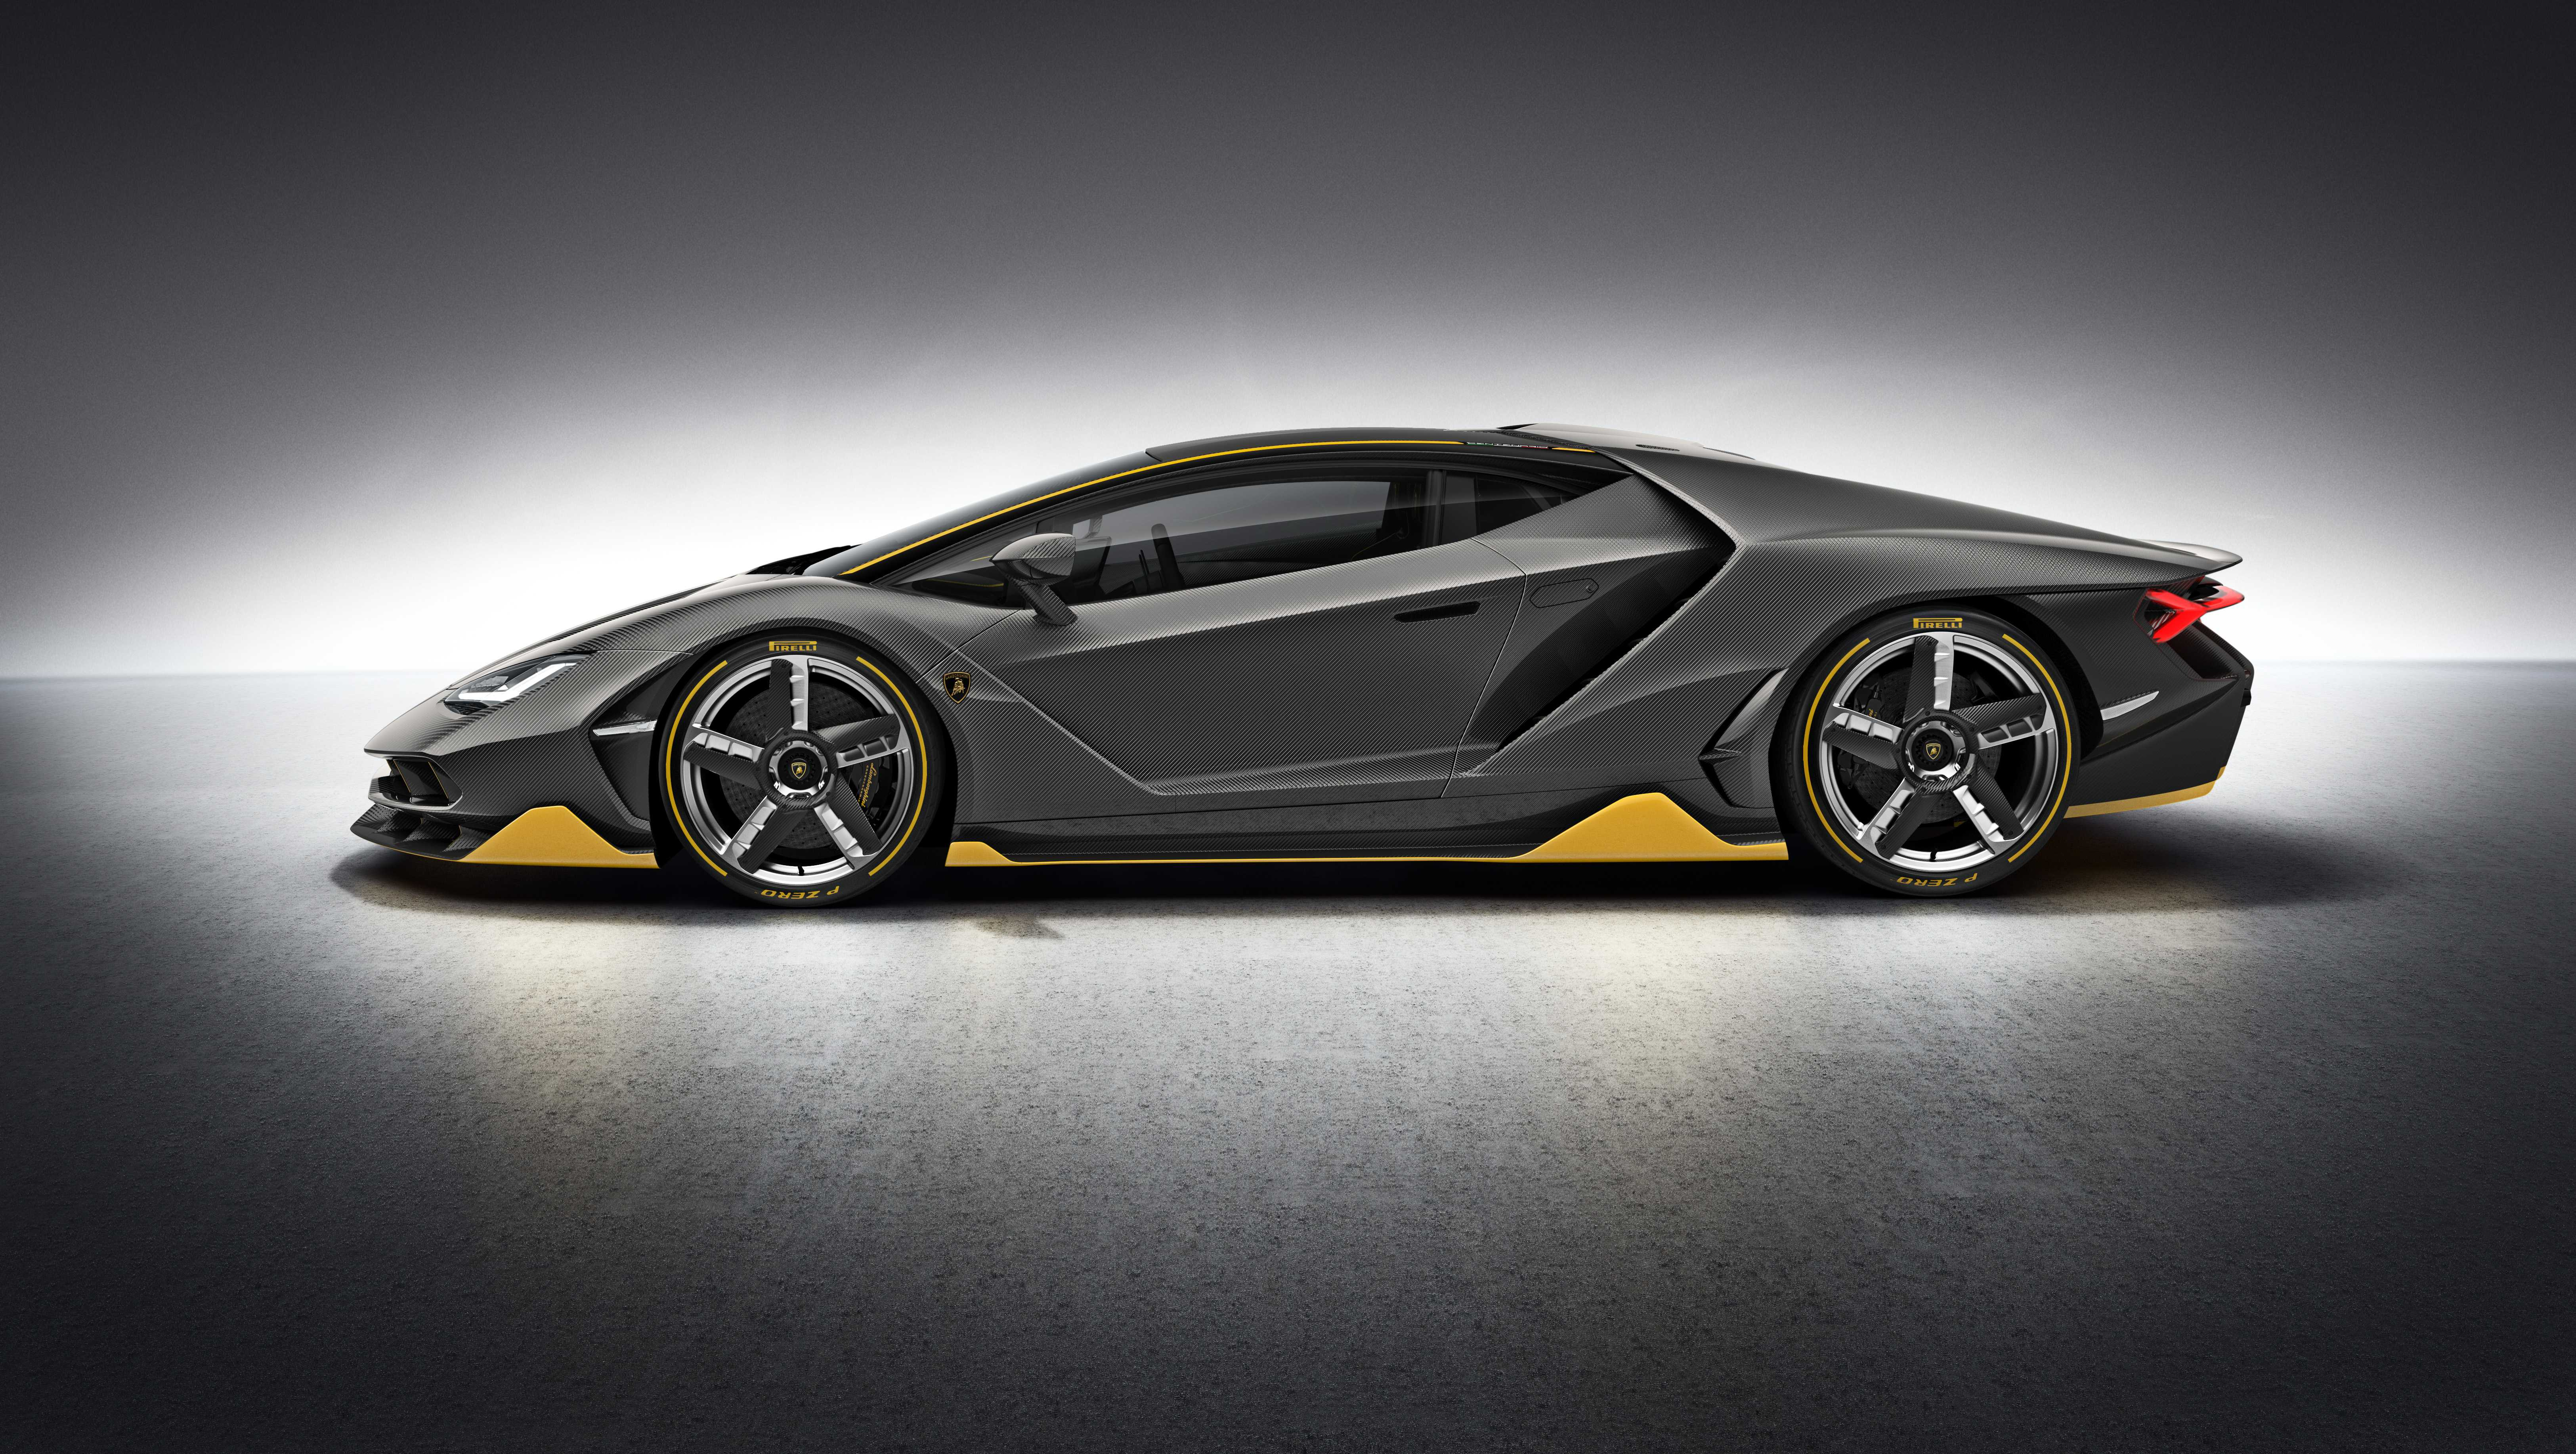 Lamborghini Centenario Lp770 4 1st Generation Semi Automatic 7 Speed